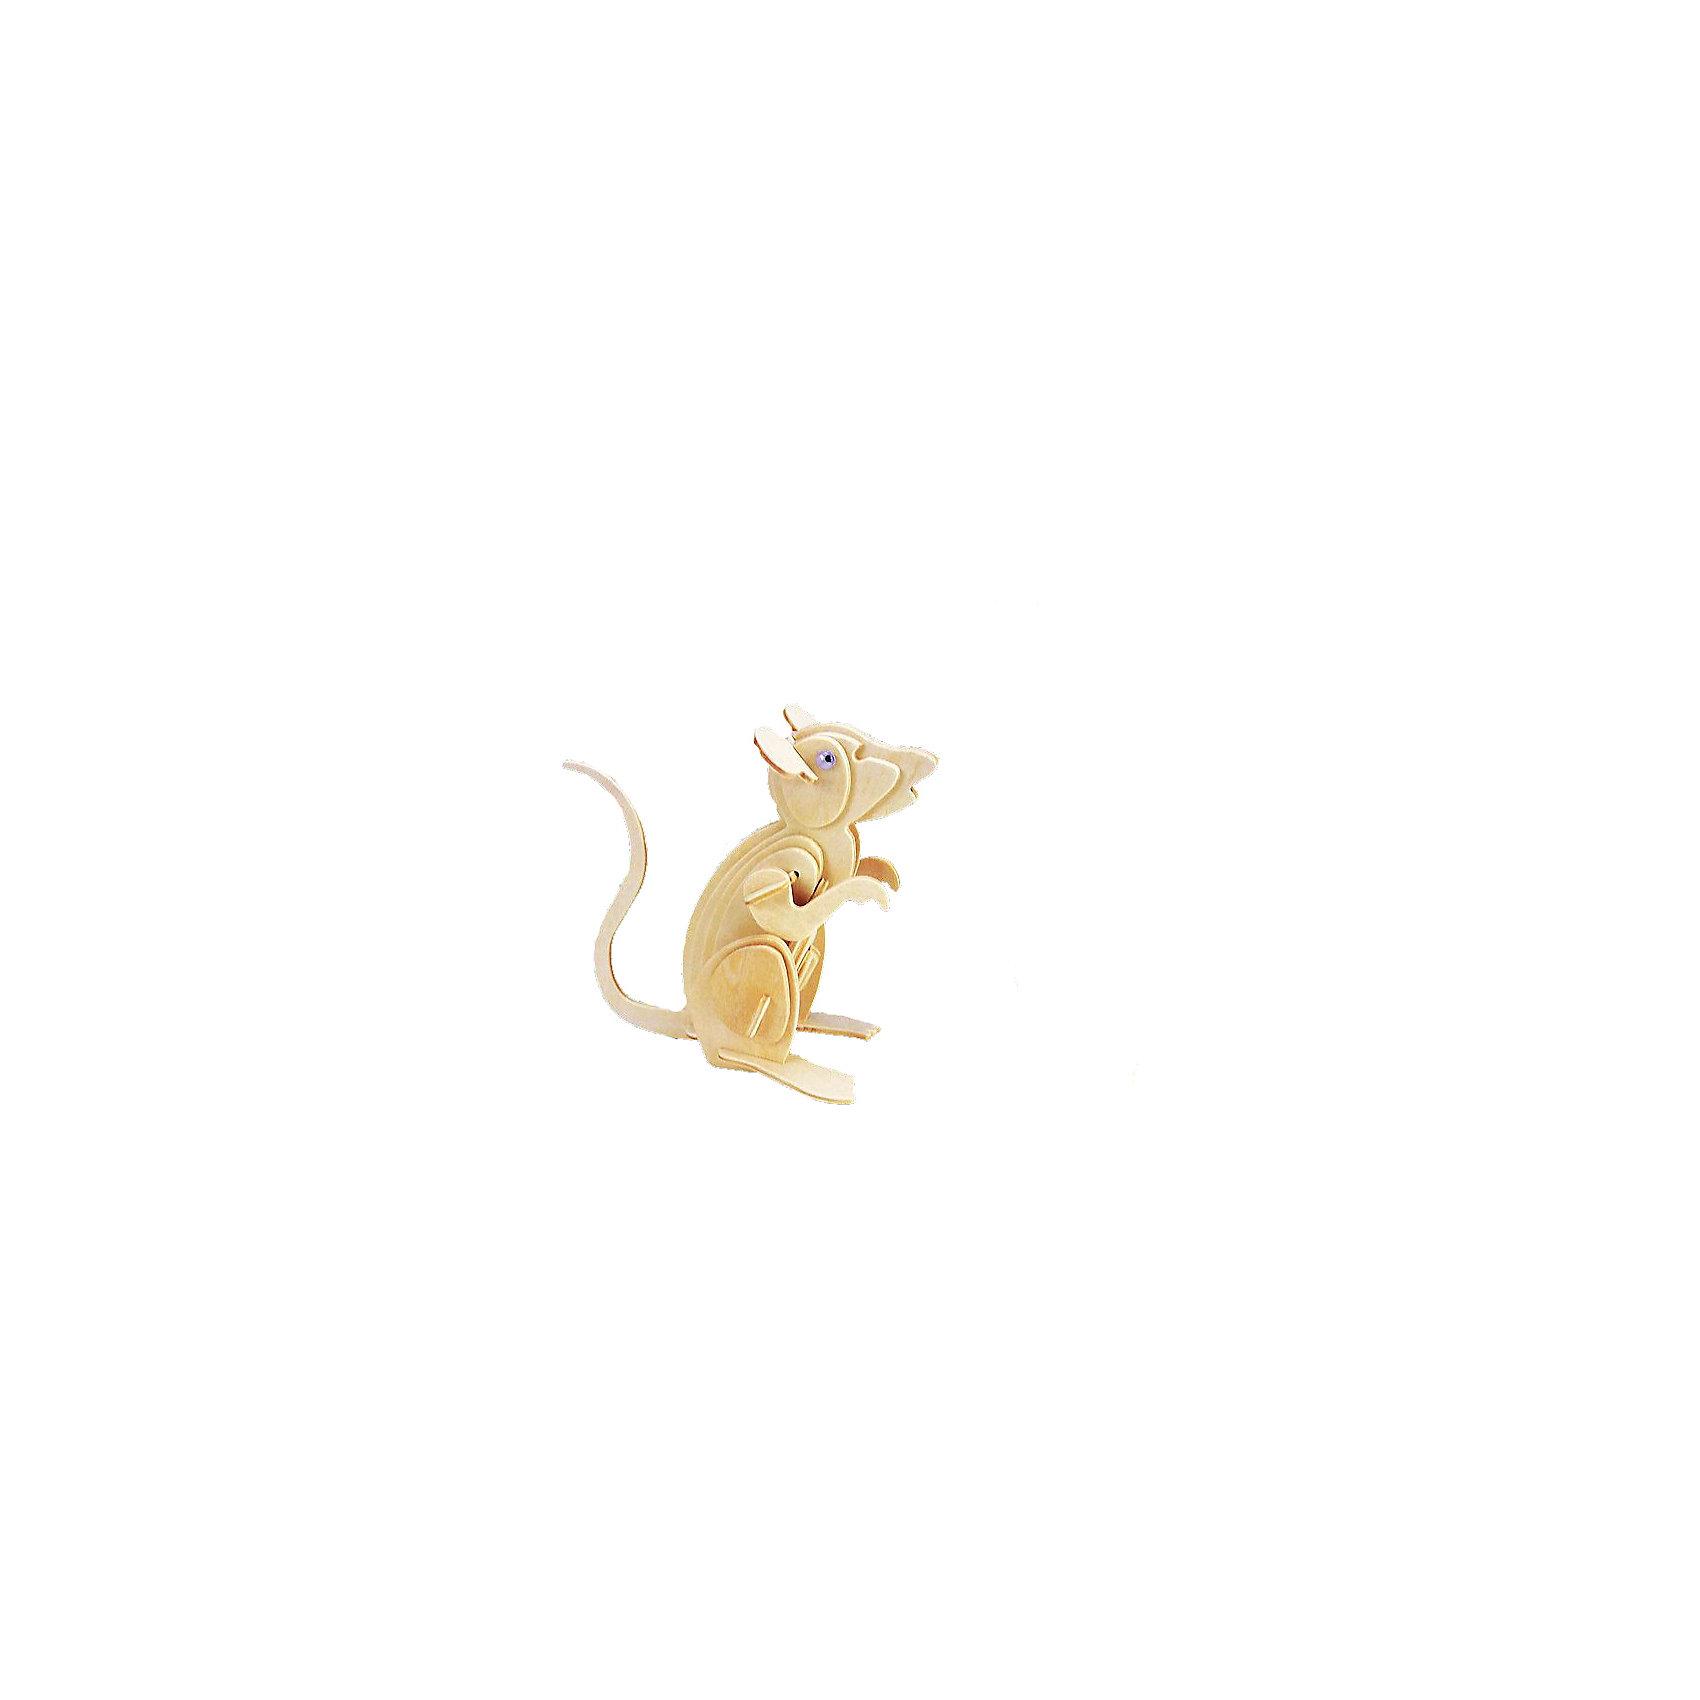 Мышь, Мир деревянных игрушекРазвивать свои способности ребенок может, сам собирая деревянные фигуры! Специально для любящих творчество и интересующихся животным миром были разработаны эти 3D-пазлы. Из них получаются красивые очень реалистичные фигуры, которые могут стать украшением комнаты. Для этого нужно выдавить из пластины с деталями элементы для сборки и соединить их. <br>Собирая их, ребенок будет учиться соотносить фигуры, развивать пространственное мышление, память и мелкую моторику. А раскрашивая готовое произведение, дети научатся подбирать цвета и будут развивать художественные навыки. Этот набор произведен из качественных и безопасных для детей материалов - дерево тщательно обработано.<br><br>Дополнительная информация:<br><br>материал: дерево;<br>цвет: бежевый;<br>элементы: пластины с деталями для сборки;<br>размер упаковки: 23 х 18 см.<br><br>3D-пазл Мышь от бренда Мир деревянных игрушек можно купить в нашем магазине.<br><br>Ширина мм: 225<br>Глубина мм: 30<br>Высота мм: 180<br>Вес г: 450<br>Возраст от месяцев: 36<br>Возраст до месяцев: 144<br>Пол: Унисекс<br>Возраст: Детский<br>SKU: 4969058